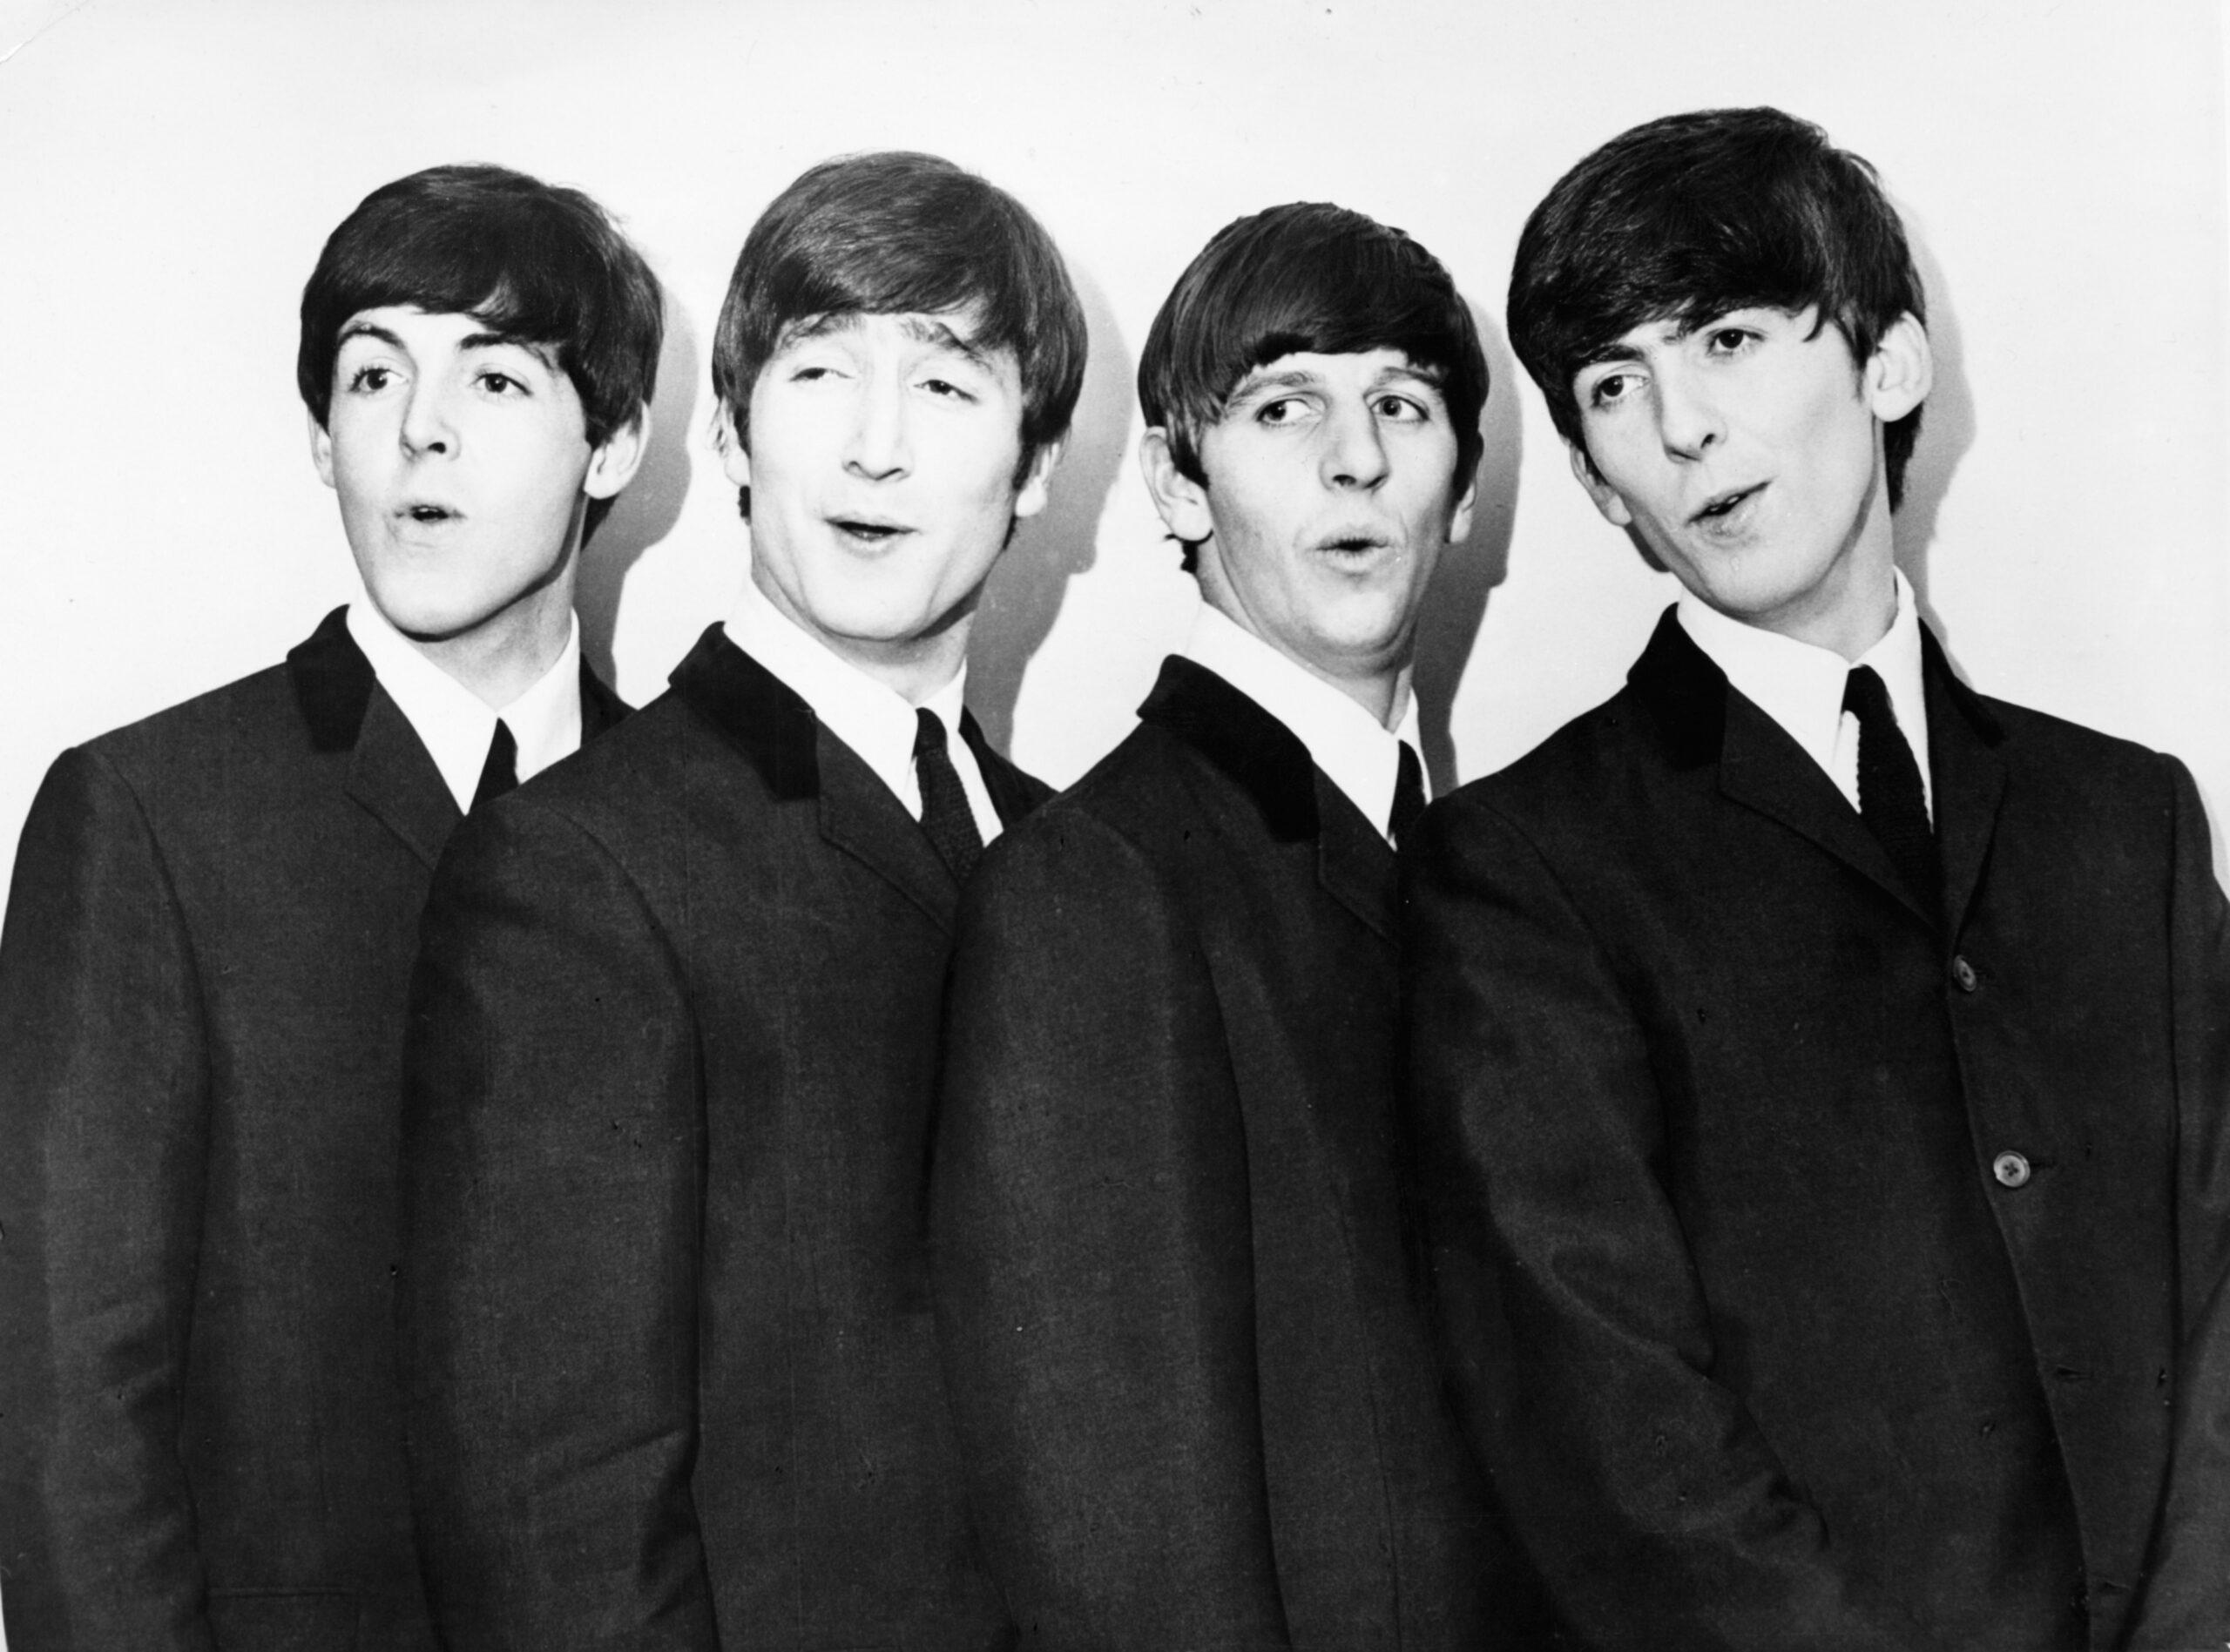 Crean nueva música de The Beatles con Inteligencia Artificial